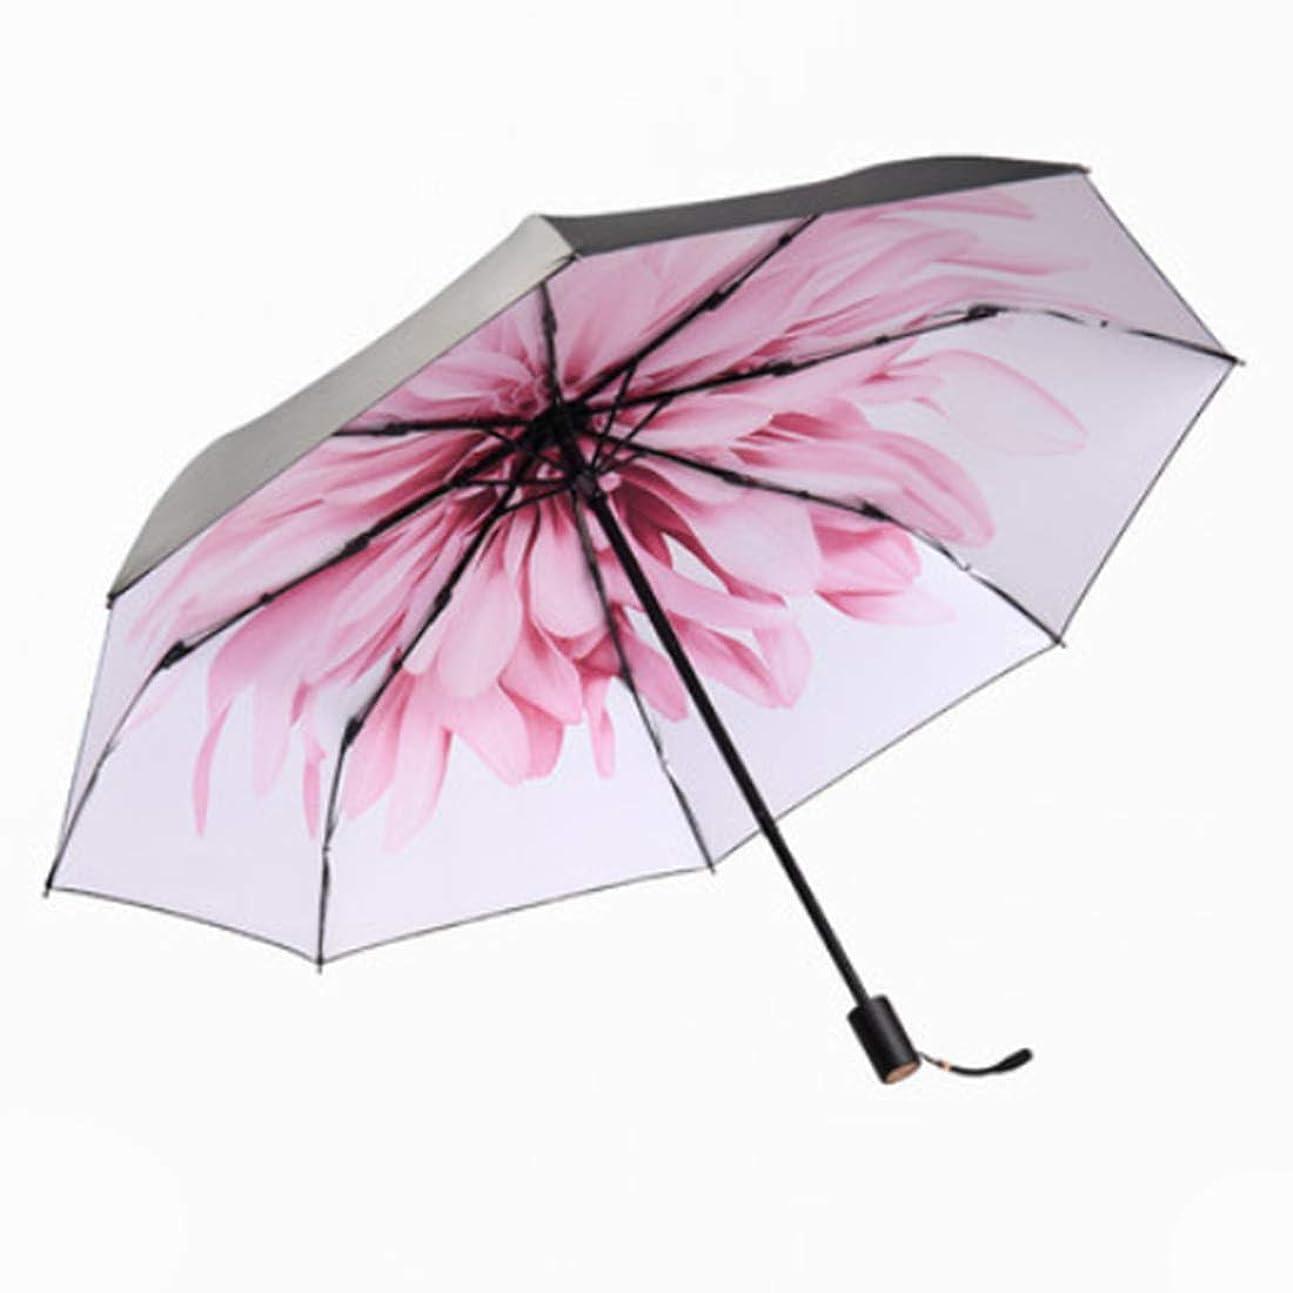 事実半球樹皮YIJUPIN 女性の黒い紫外線の保護日焼け止めの傘夏の小さな折りたたみ太陽の傘女性のための (色 : ホワイト)